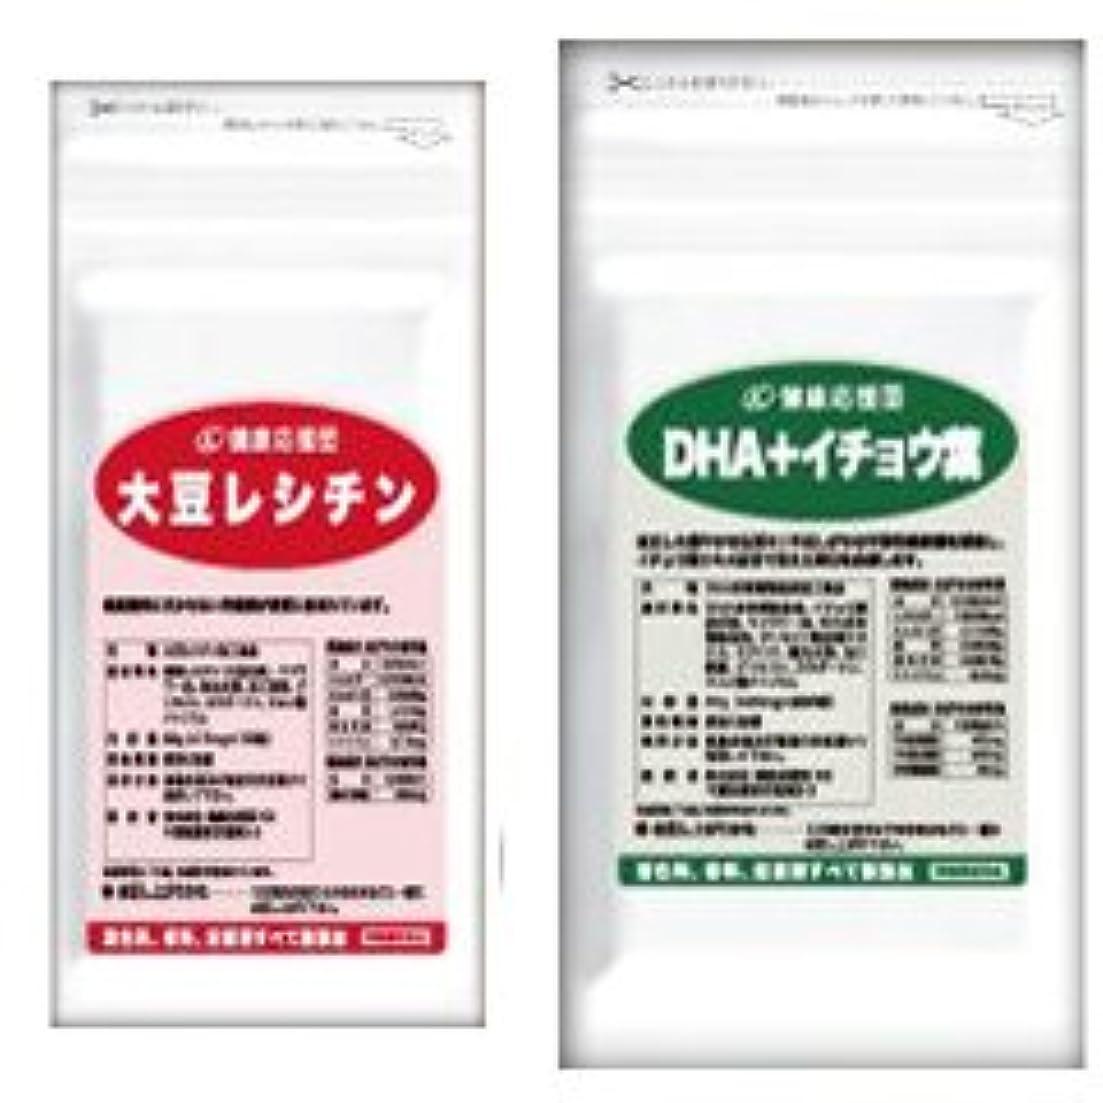 これまで一般化する試用流れサラサラセット 大豆レシチン+(DHA+イチョウ葉) (DHA?EPA?イチョウ葉)